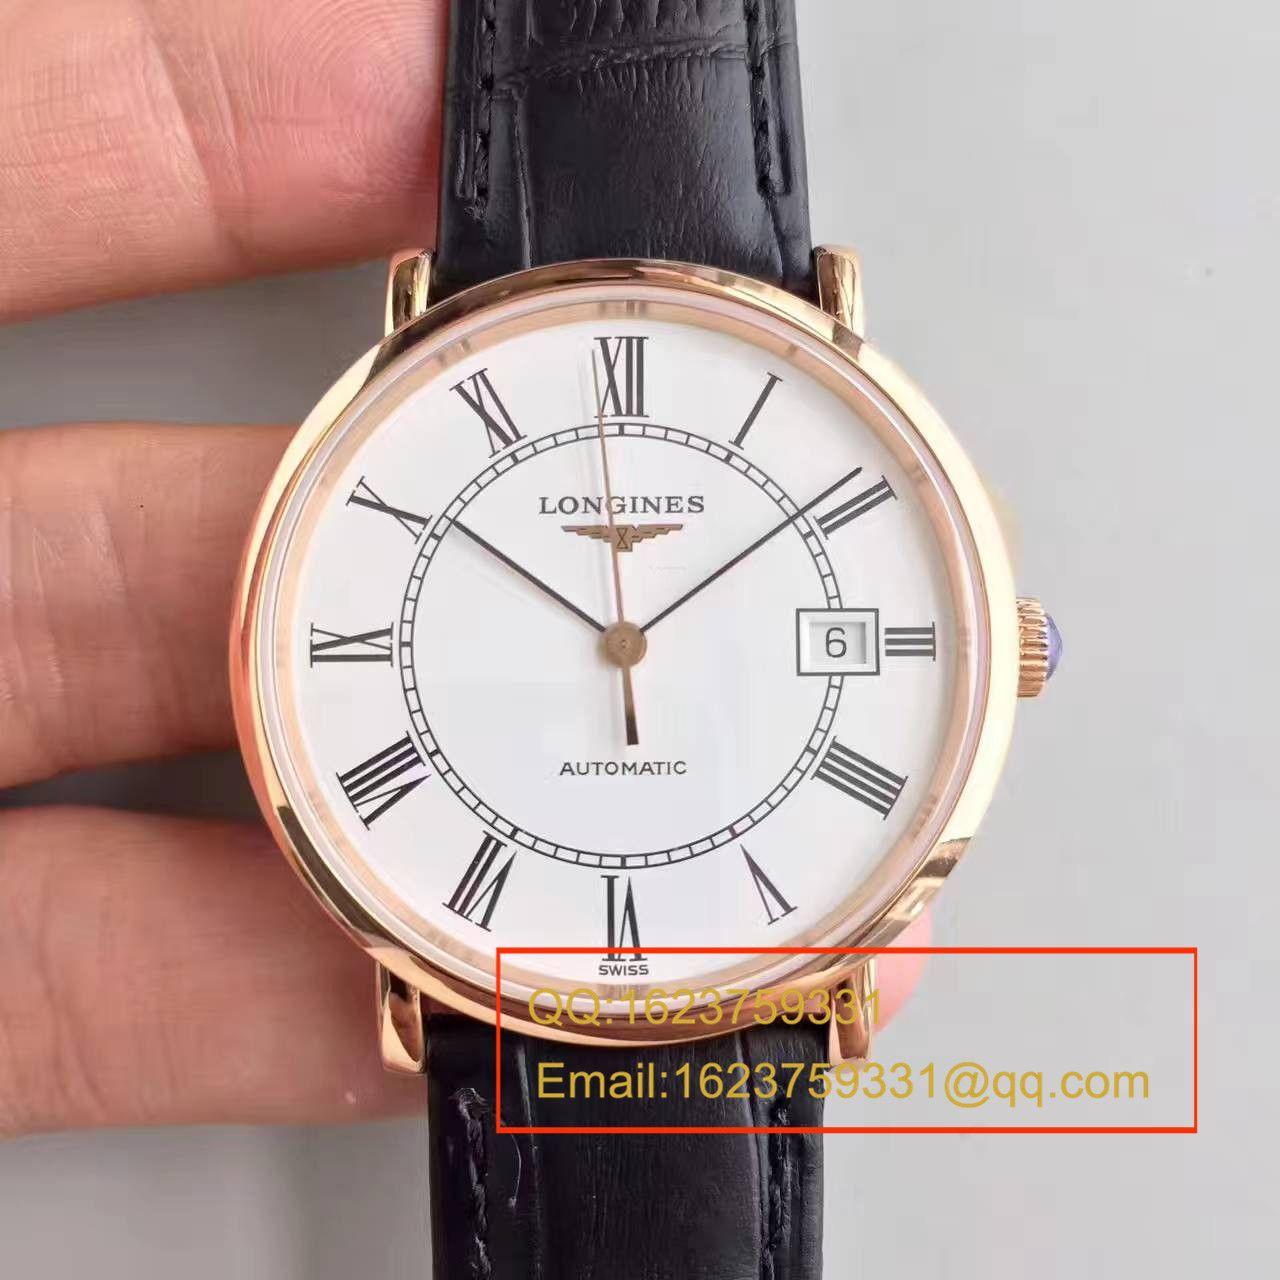 【台湾厂一比一超A精仿手表】浪琴制表传统博雅系列L4.787.8.11.0腕表